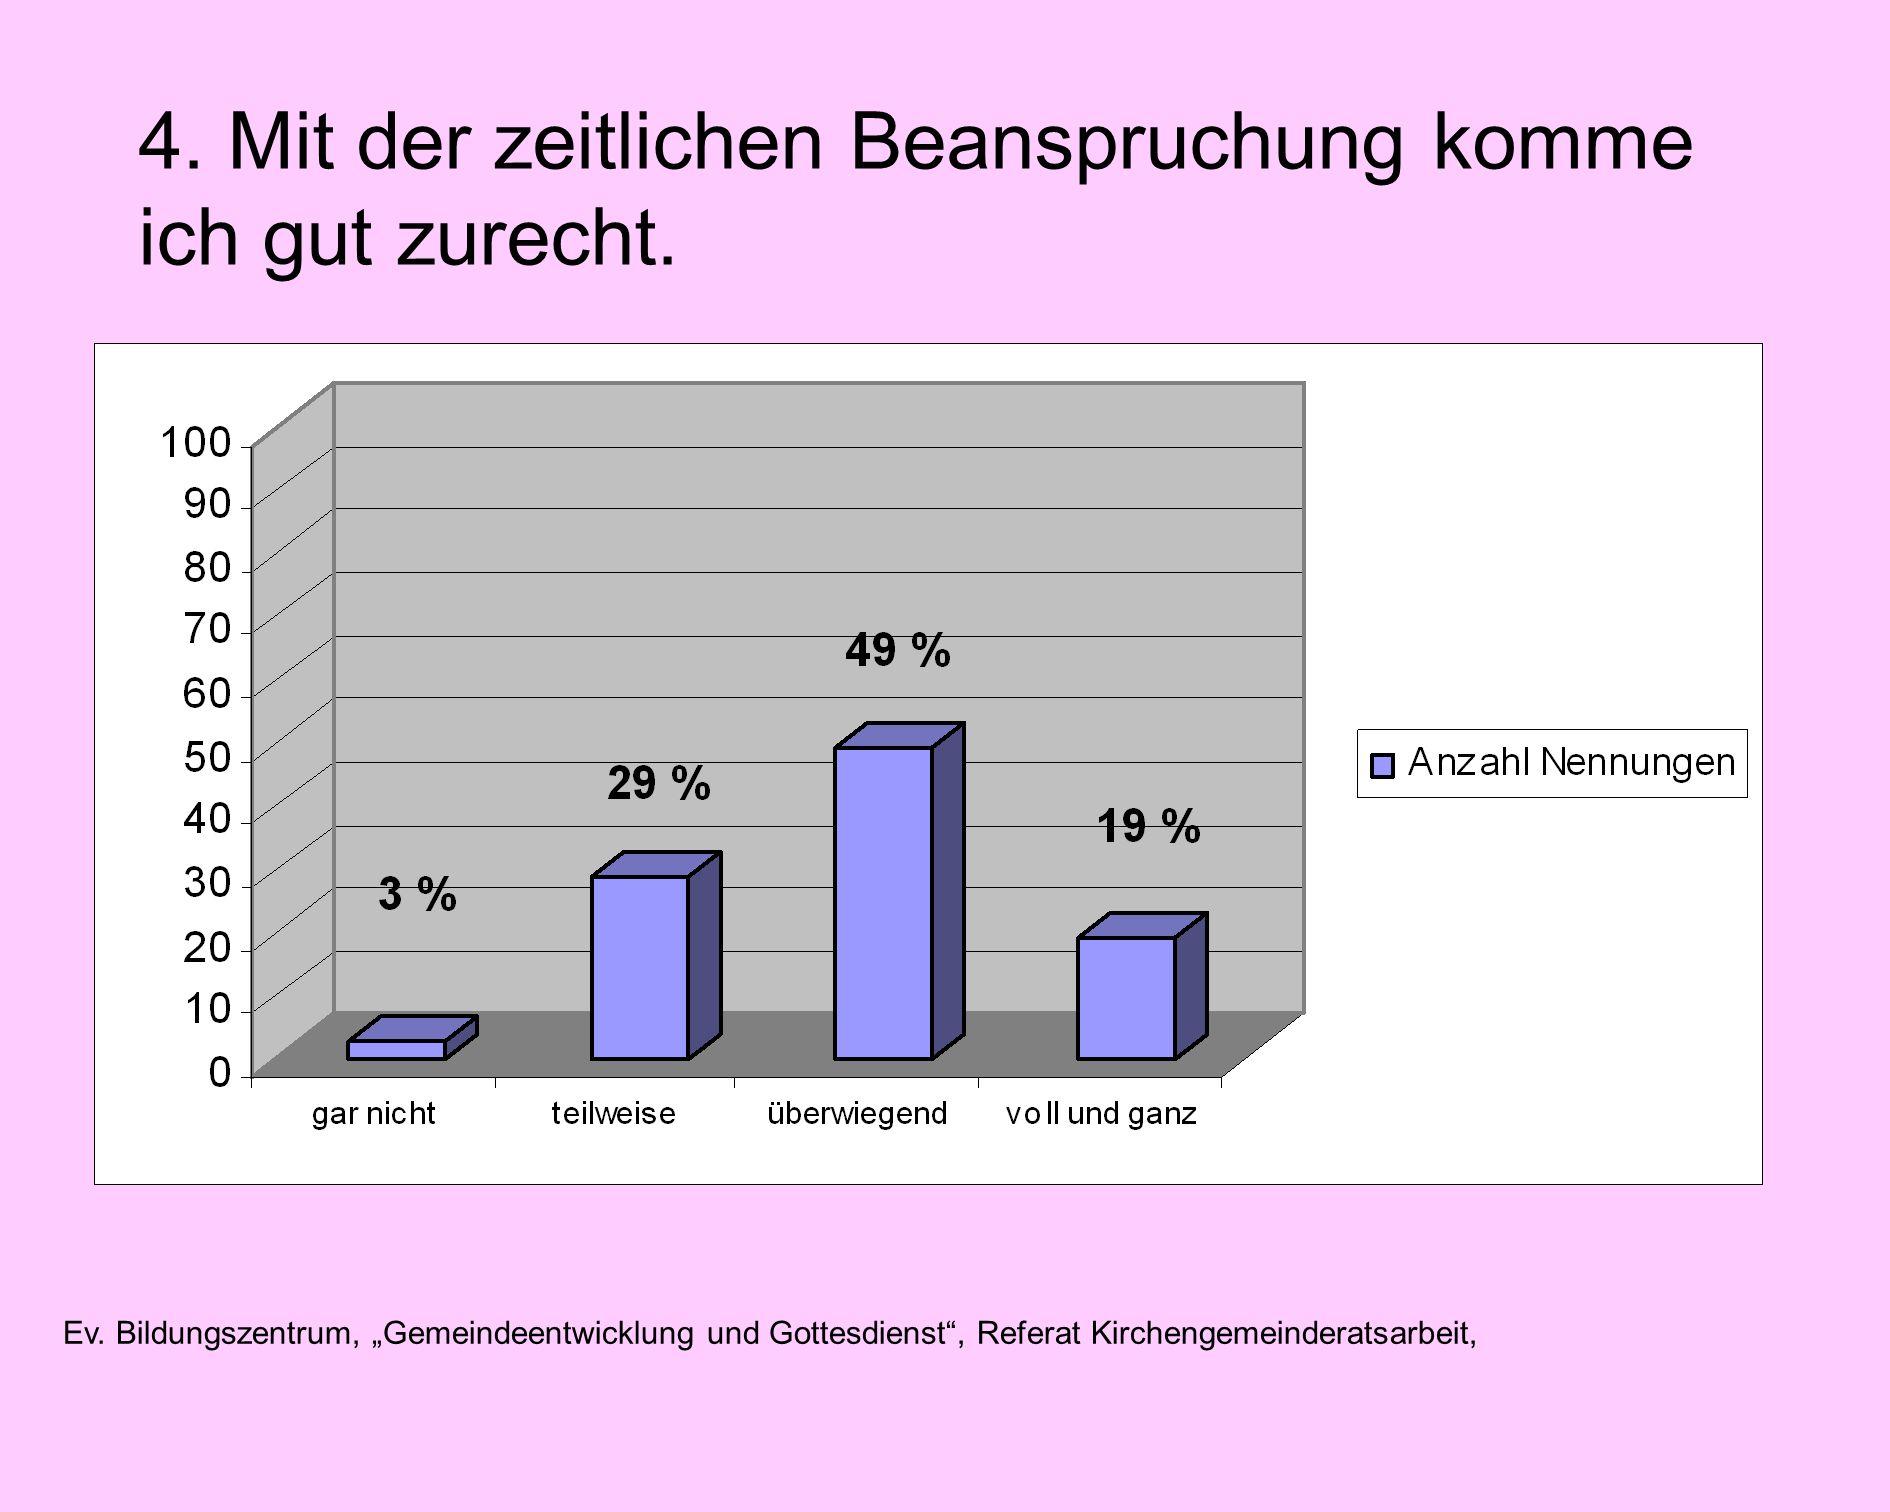 Ev. Bildungszentrum, Gemeindeentwicklung und Gottesdienst, Referat Kirchengemeinderatsarbeit, 4.